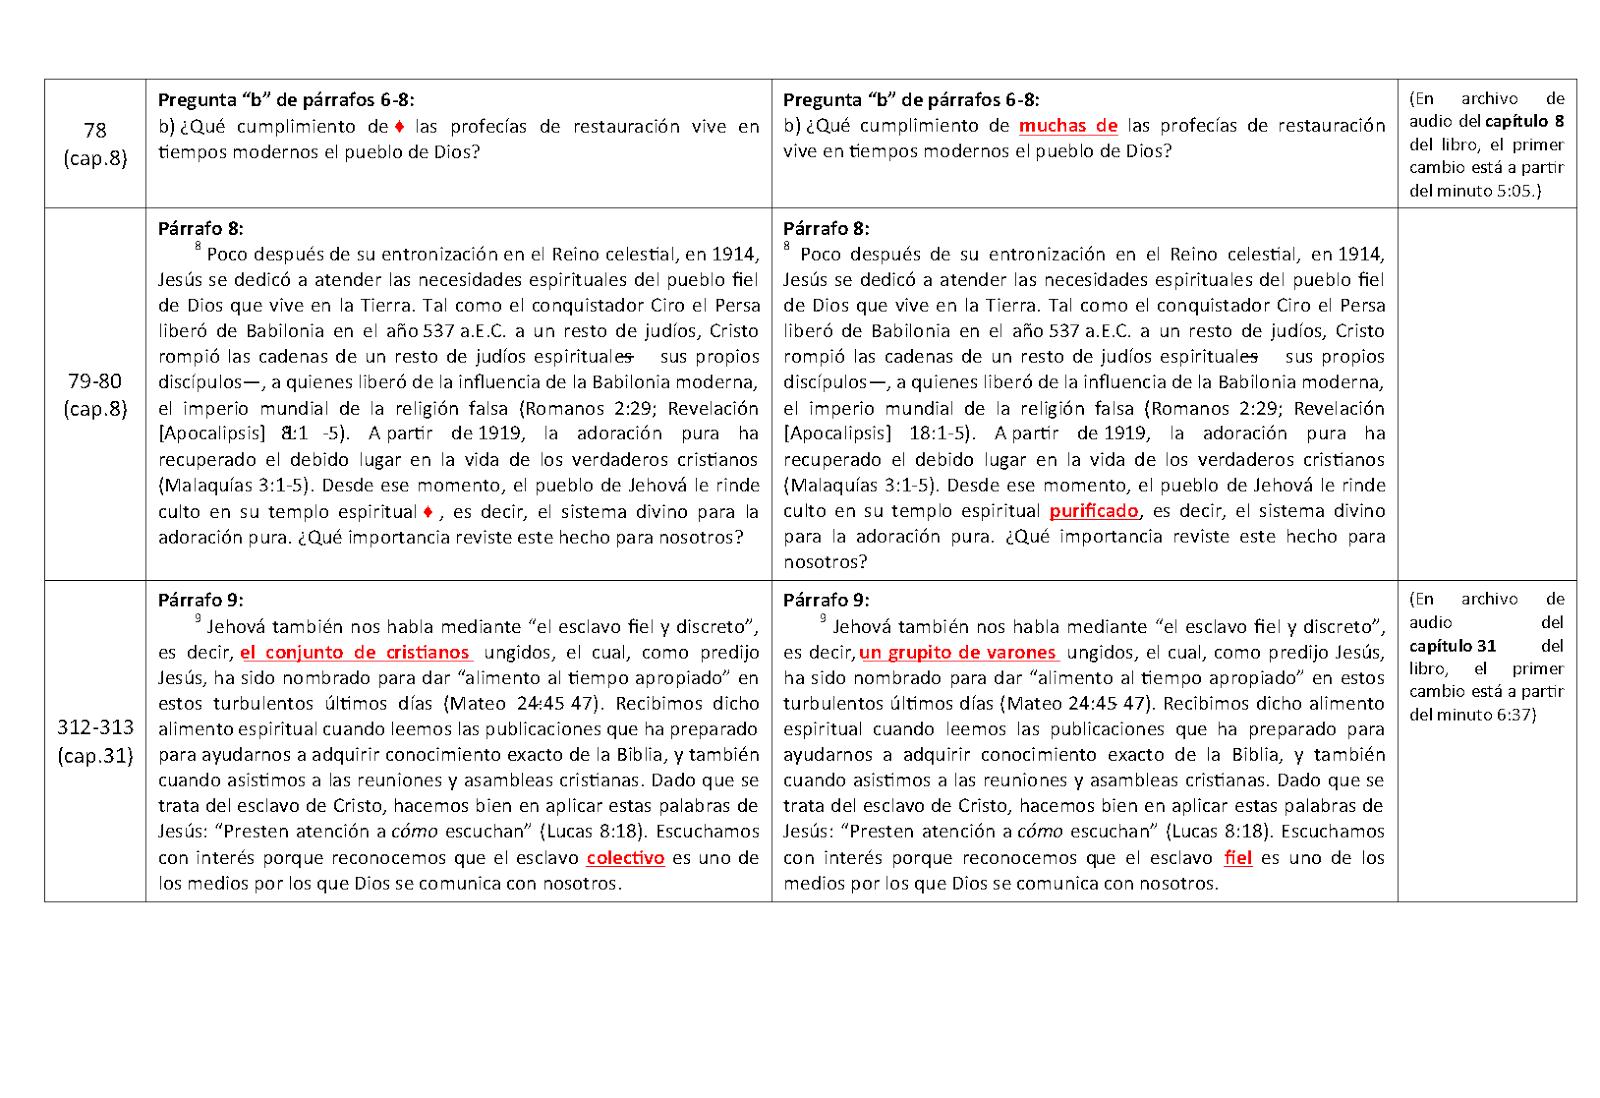 Hildebrando y Otras Hierbas: 2013